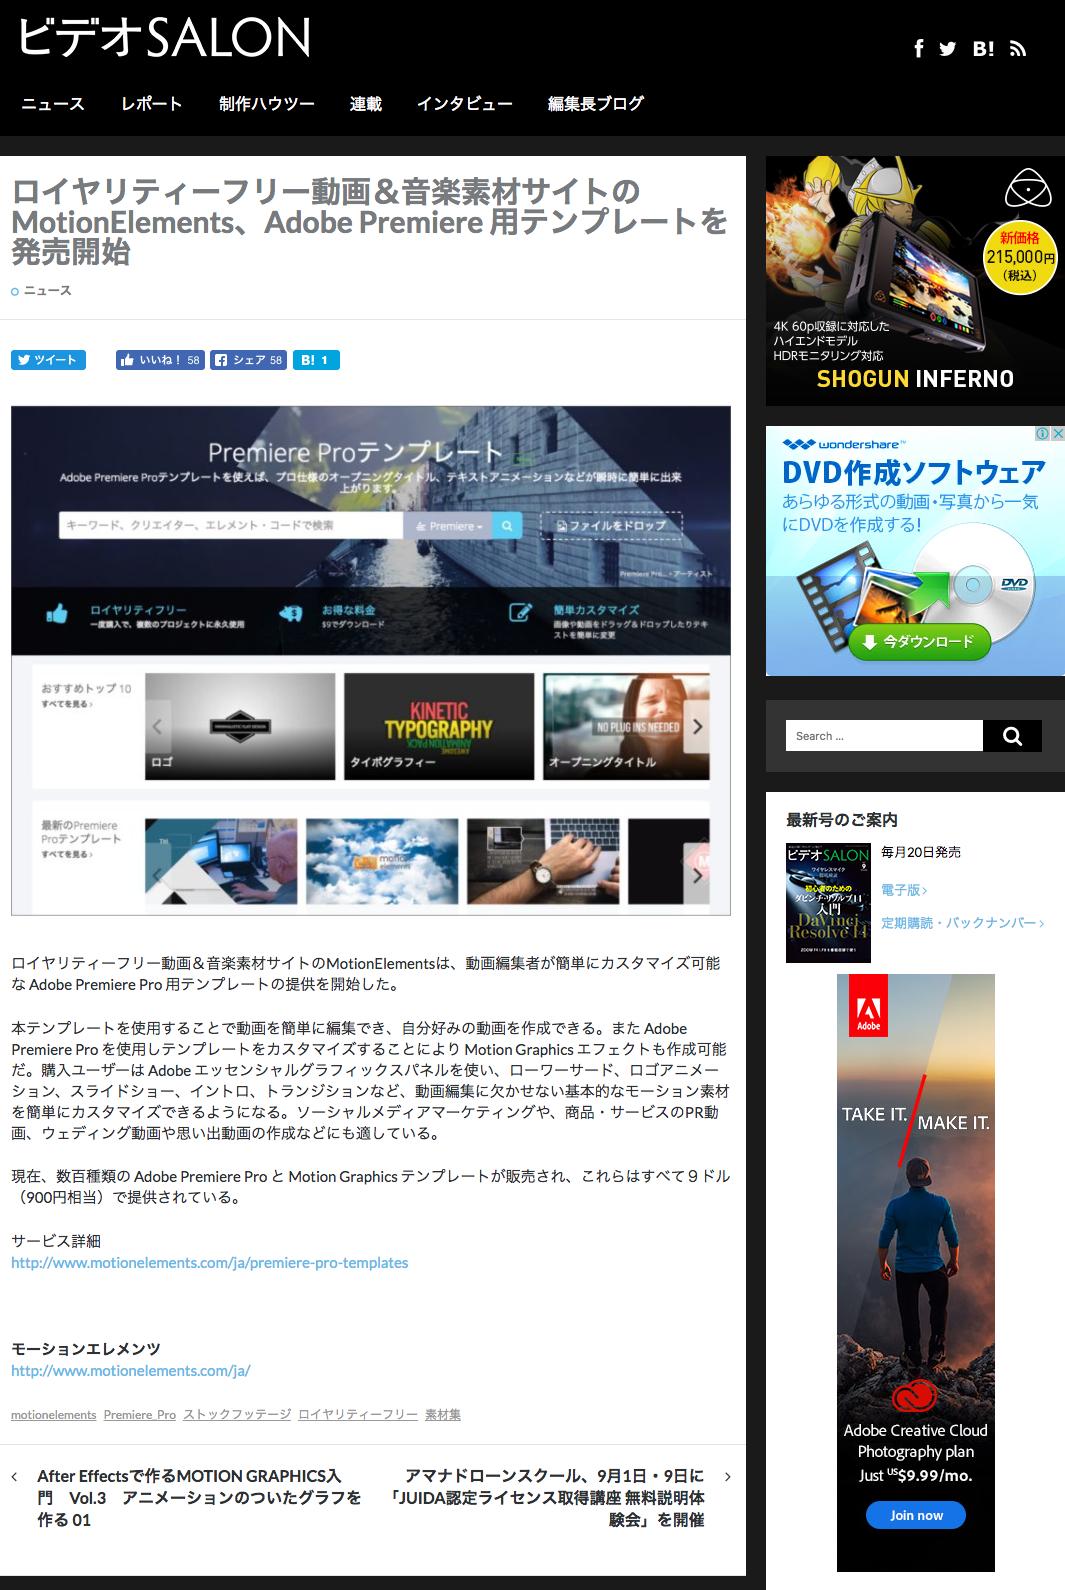 (日本語) ビデオSALON.web: ロイヤリティーフリー動画&音楽素材サイトのMotionElements、Adobe Premiere 用テンプレートを発売開始